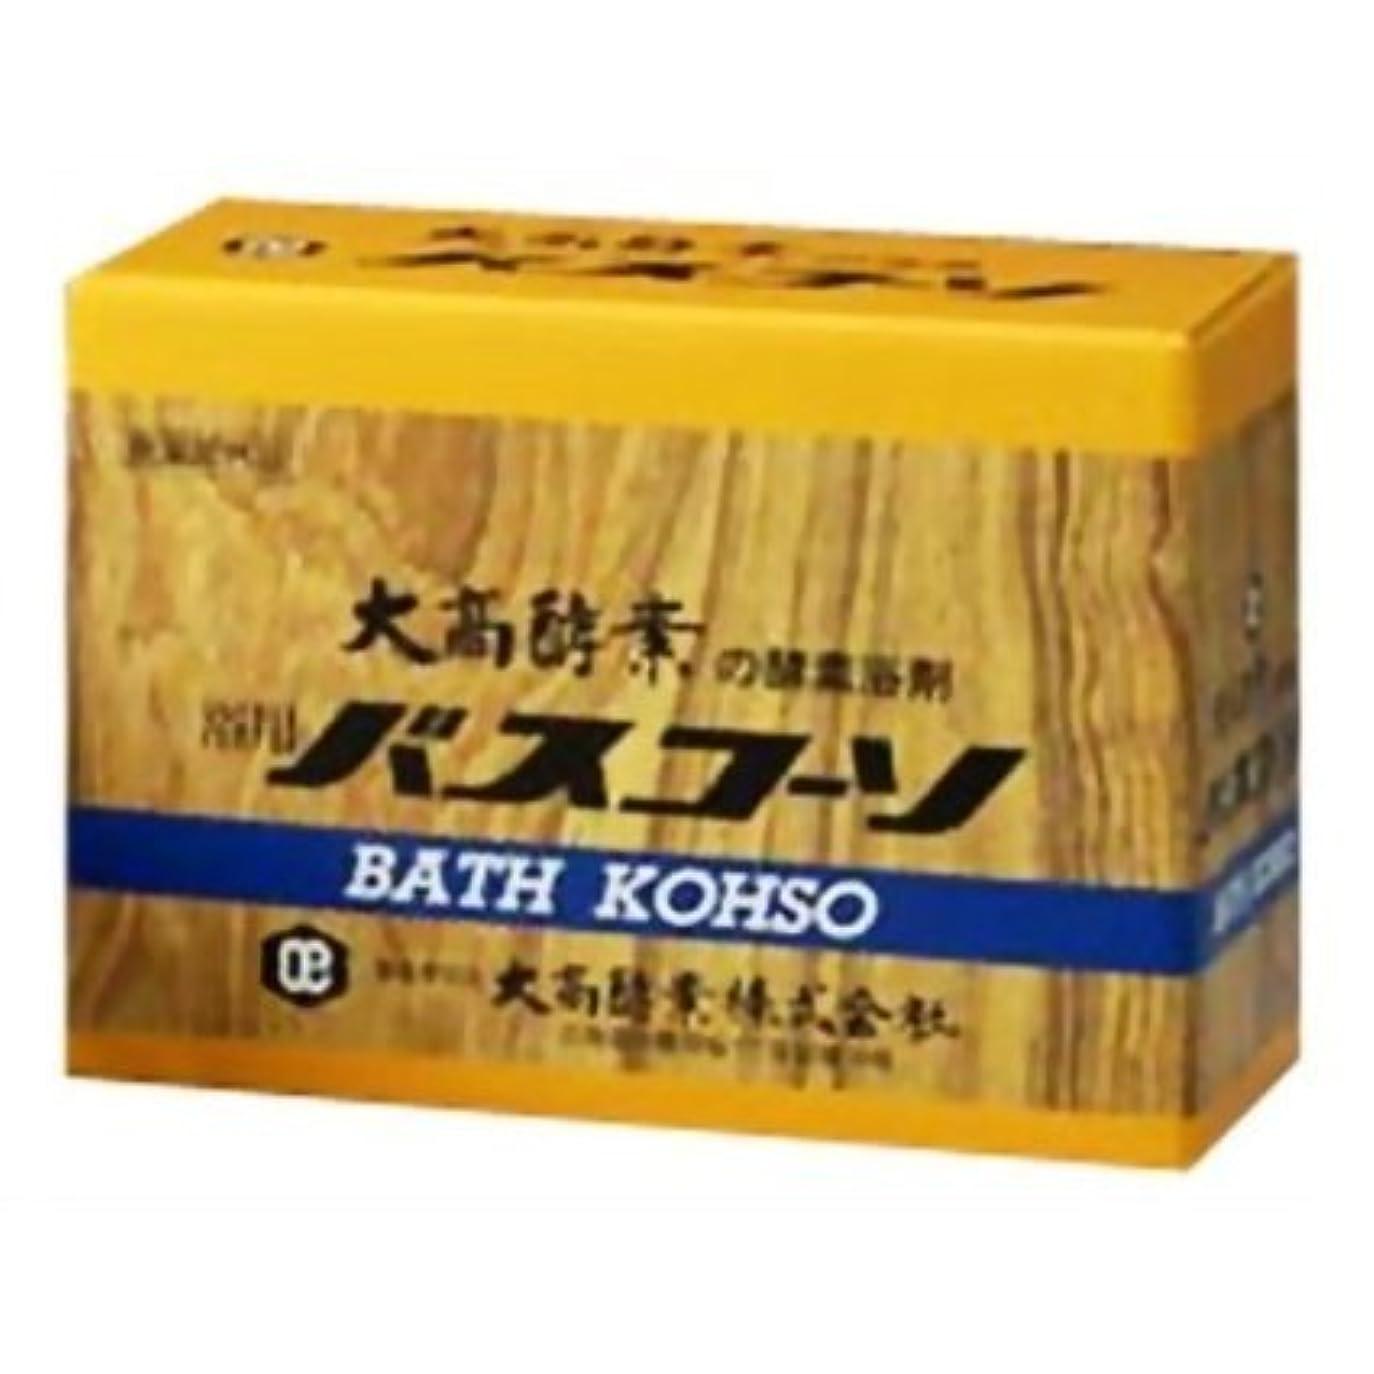 酸度勧告財政大高酵素 浴用バスコーソ 100gx6 【4個セット】